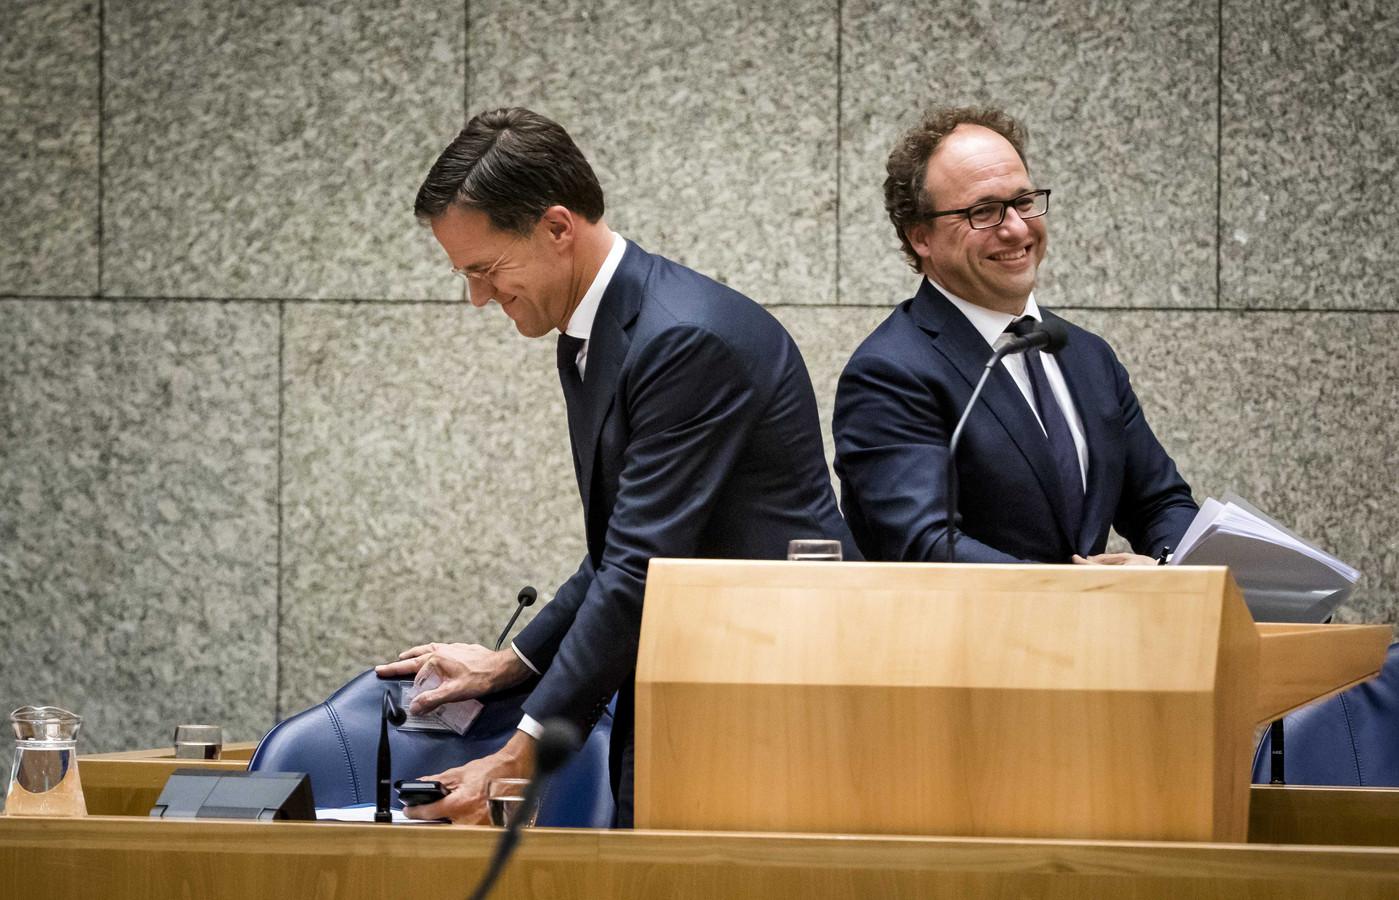 Minister Wouter Koolmees van Sociale Zaken en Werkgelegenheid (D66) en Premier Mark Rutte